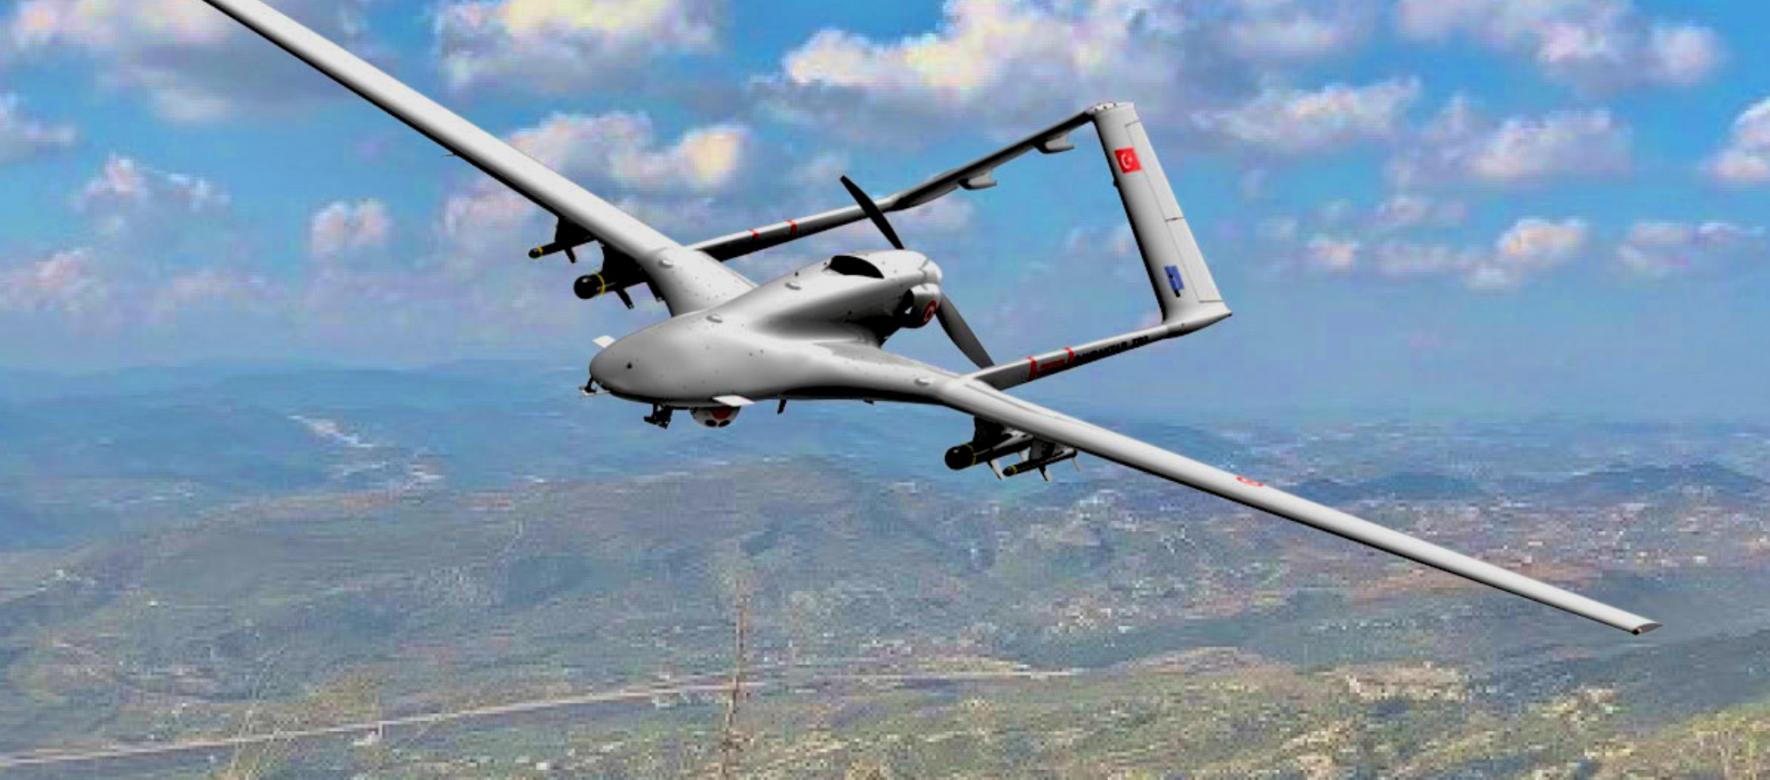 Le Maroc a réceptionné ses premiers drones de combat turcs Bayraktar TB2 pour la surveillance de ses frontières